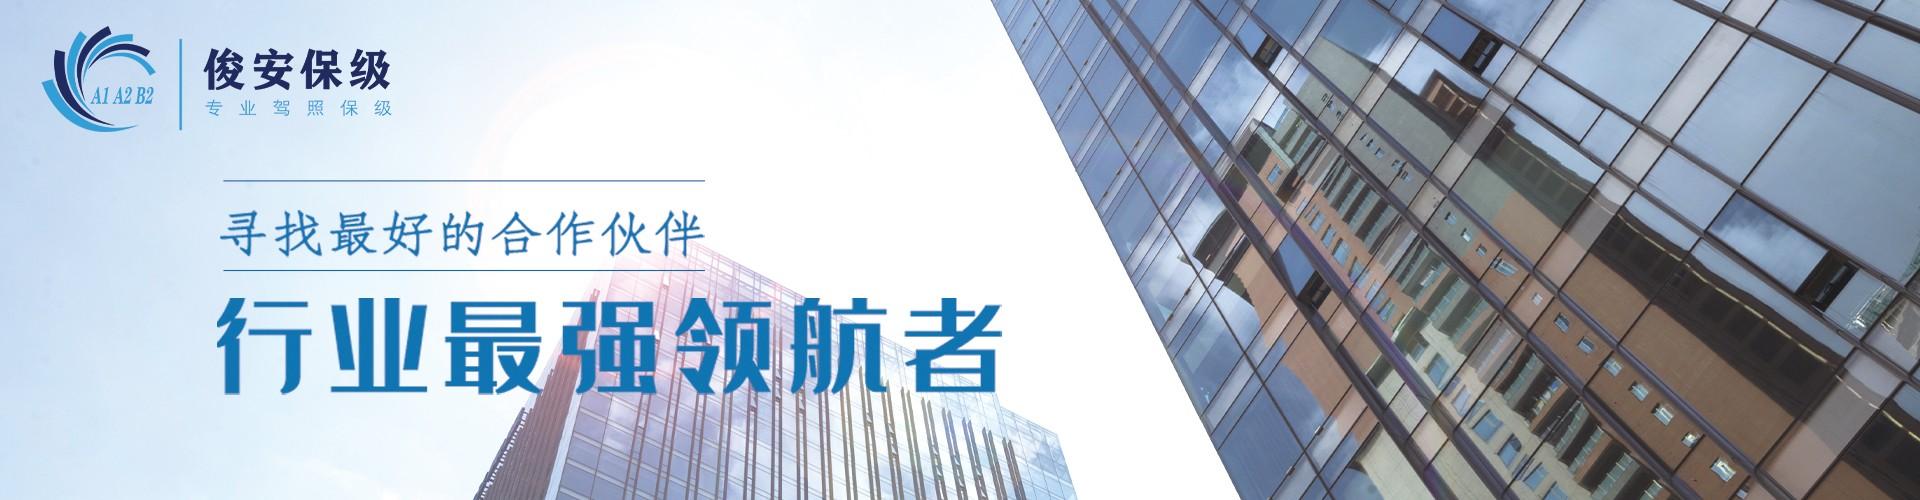 """山东俊安信息科技服务有限公司诚信""""315"""""""